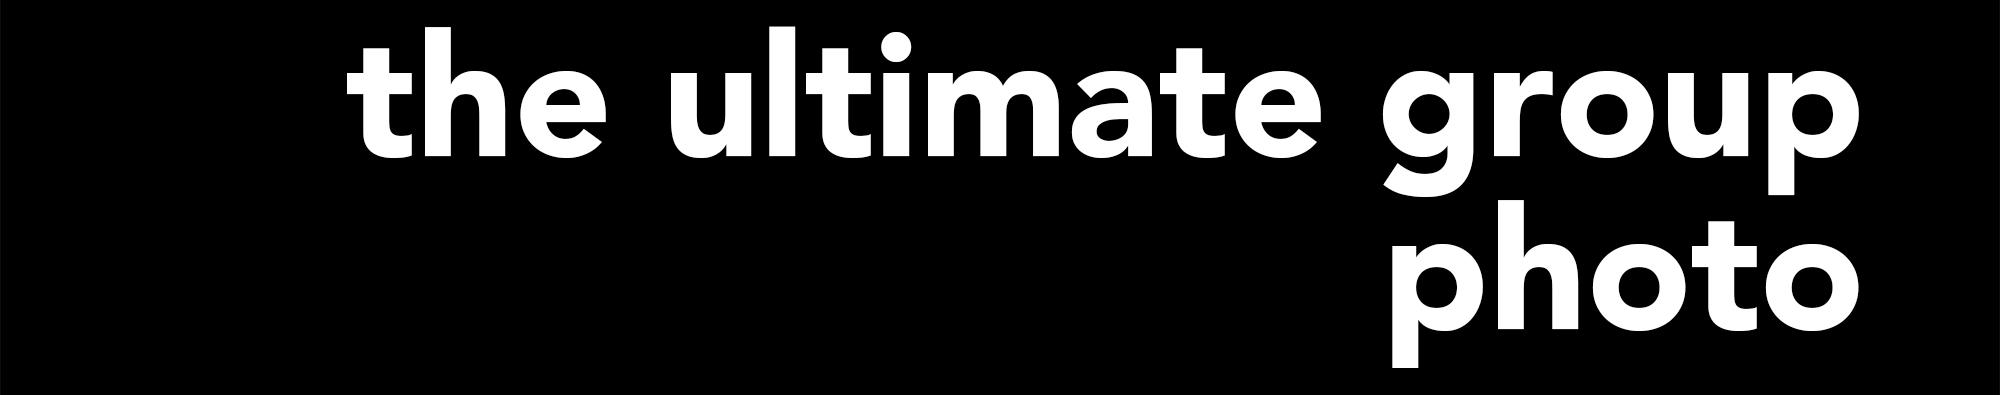 ultimate group banner.jpg